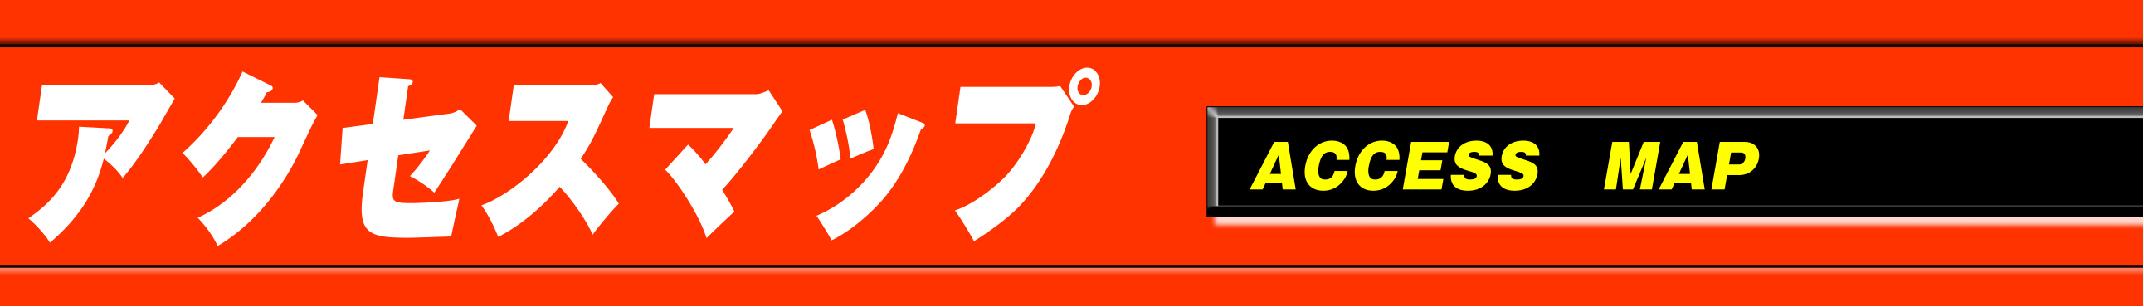 今津西宮北口さくら夙川香露園優良店11